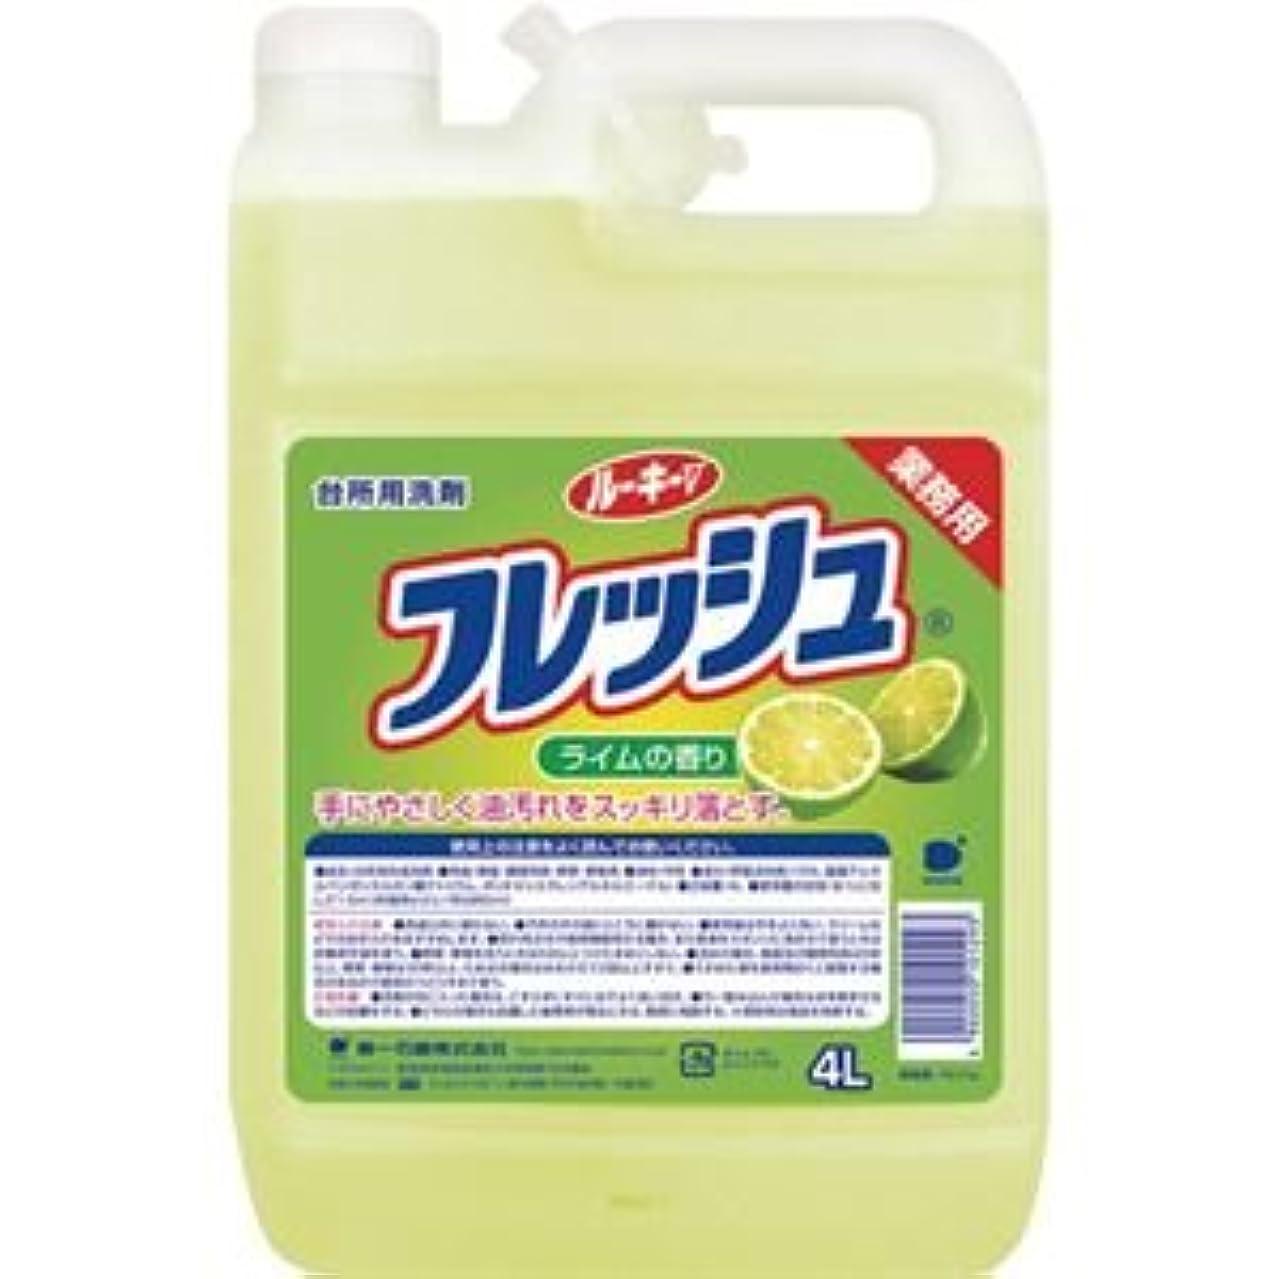 節約データム洗練(まとめ) 第一石鹸 ルーキーVフレッシュ 業務用 4L 1本 【×5セット】